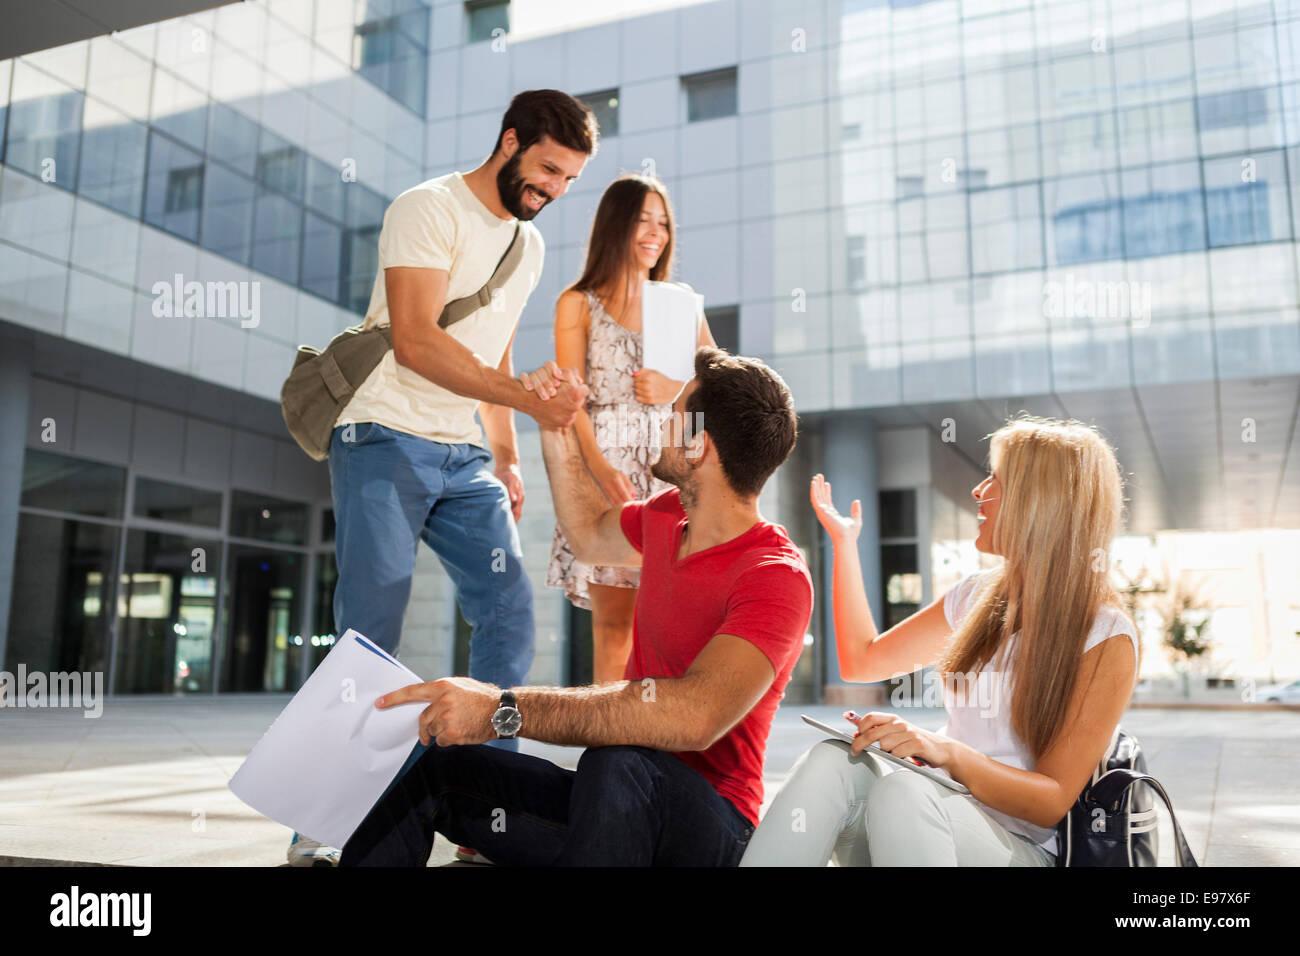 Los estudiantes varones un apretón de manos en el campus motivos Imagen De Stock